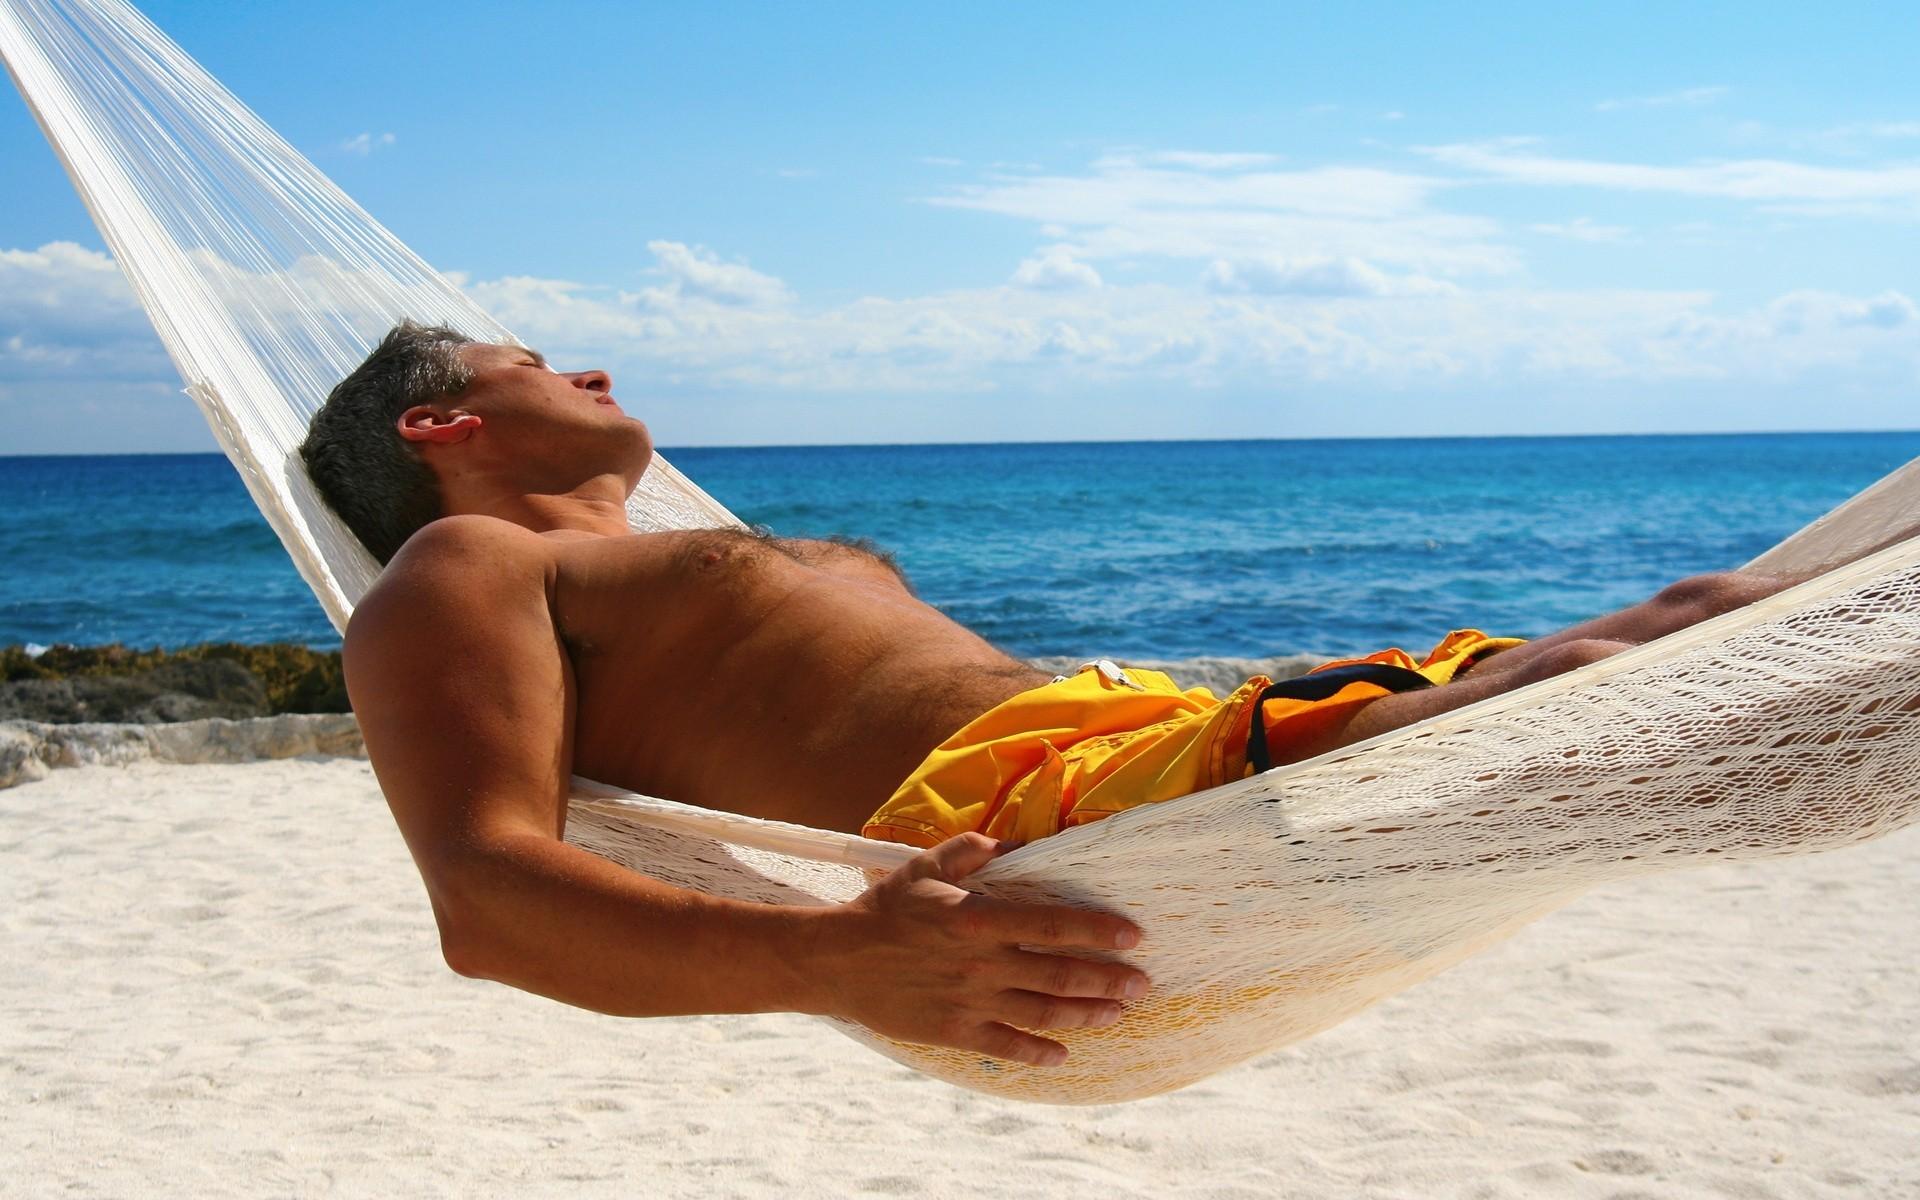 Дикие пляжи фото парней